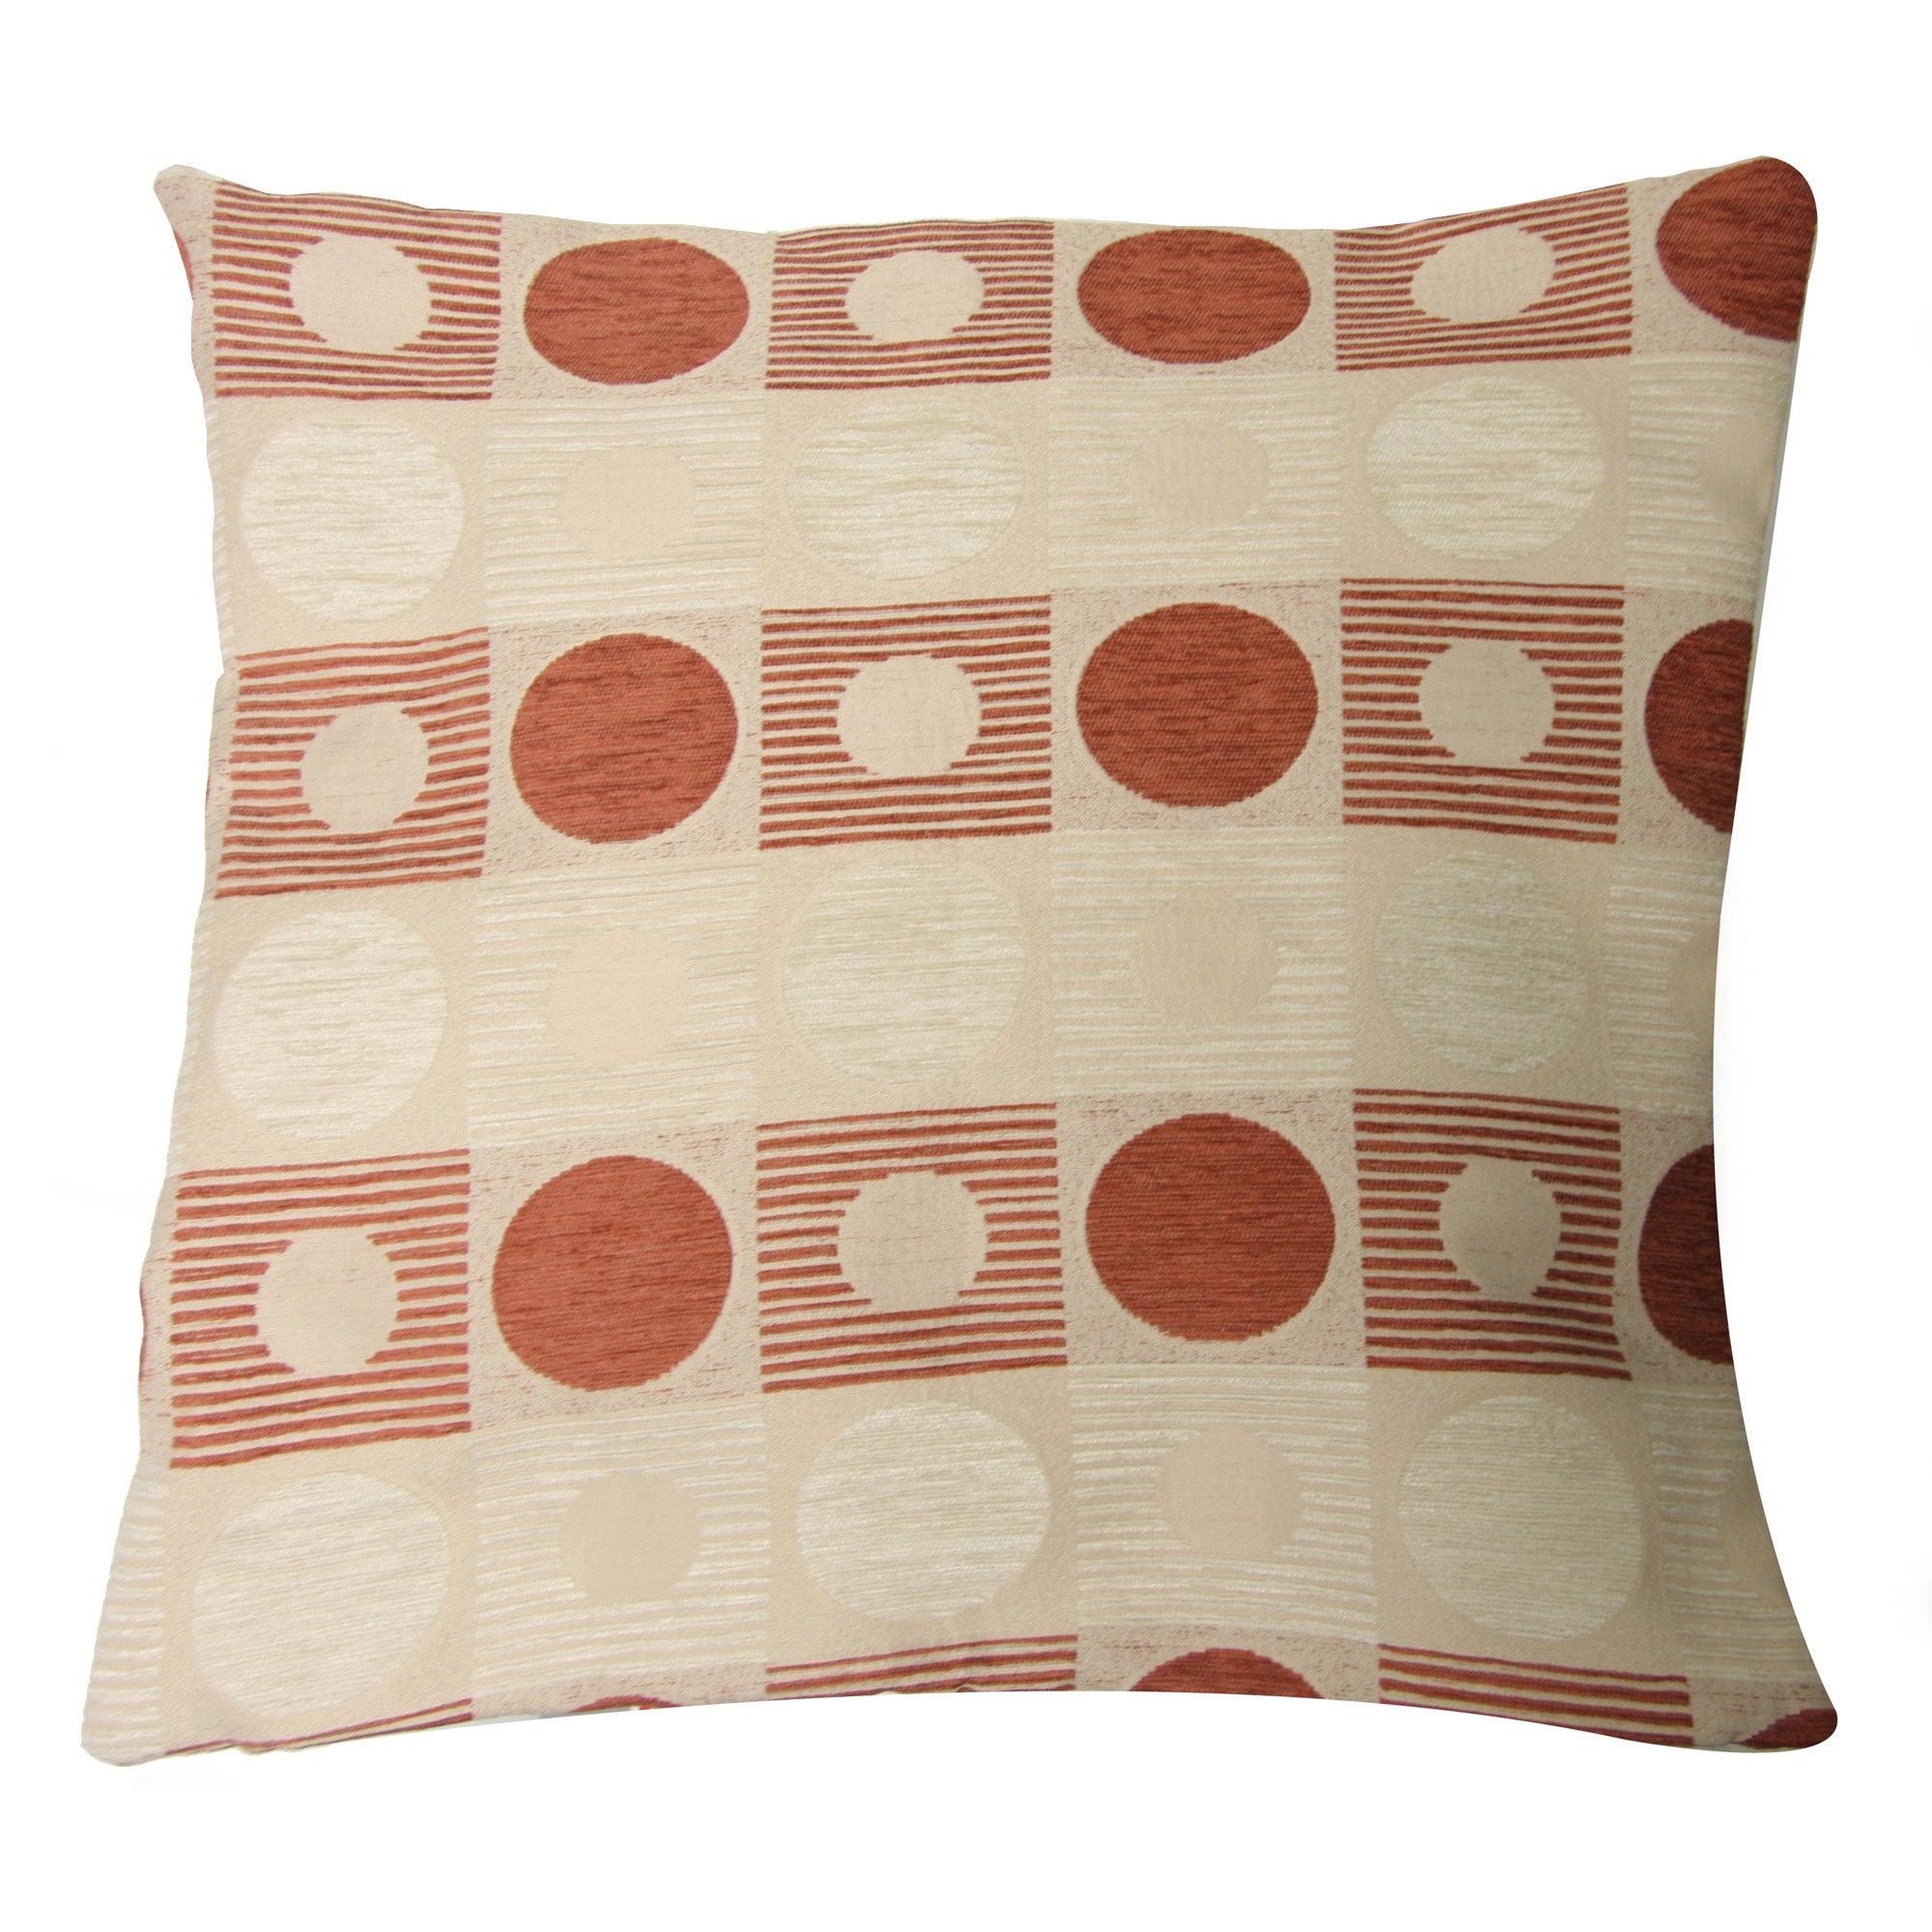 Richmond Cushion Cover